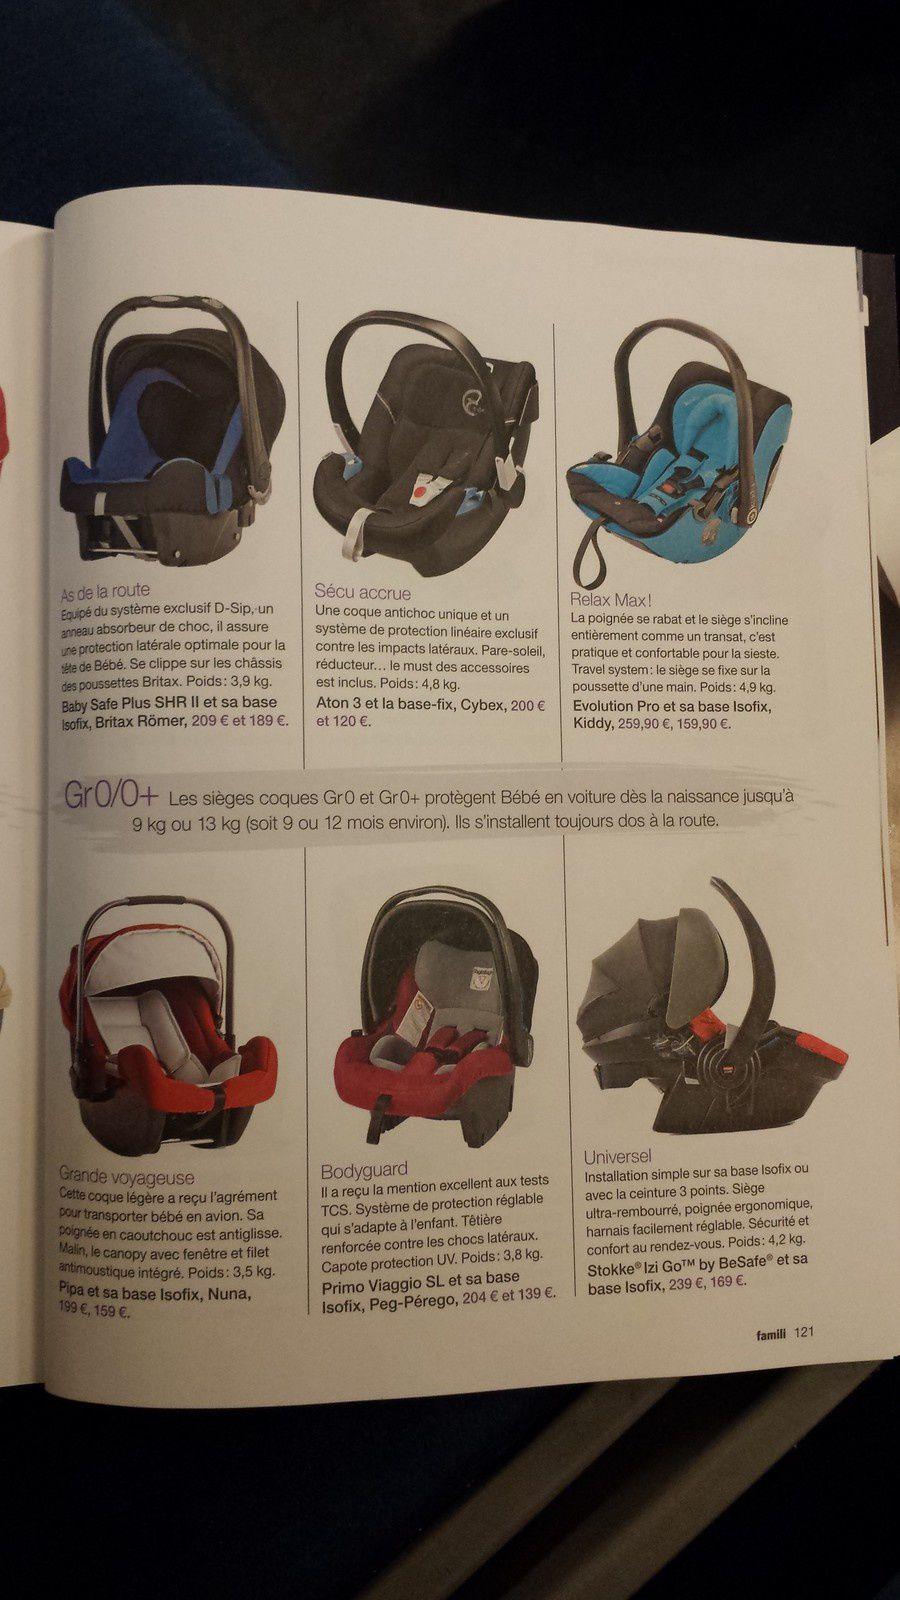 """""""En voiture baby"""" la sélection shopping siéges-auto de famili... à quand un discours plus expert ?"""